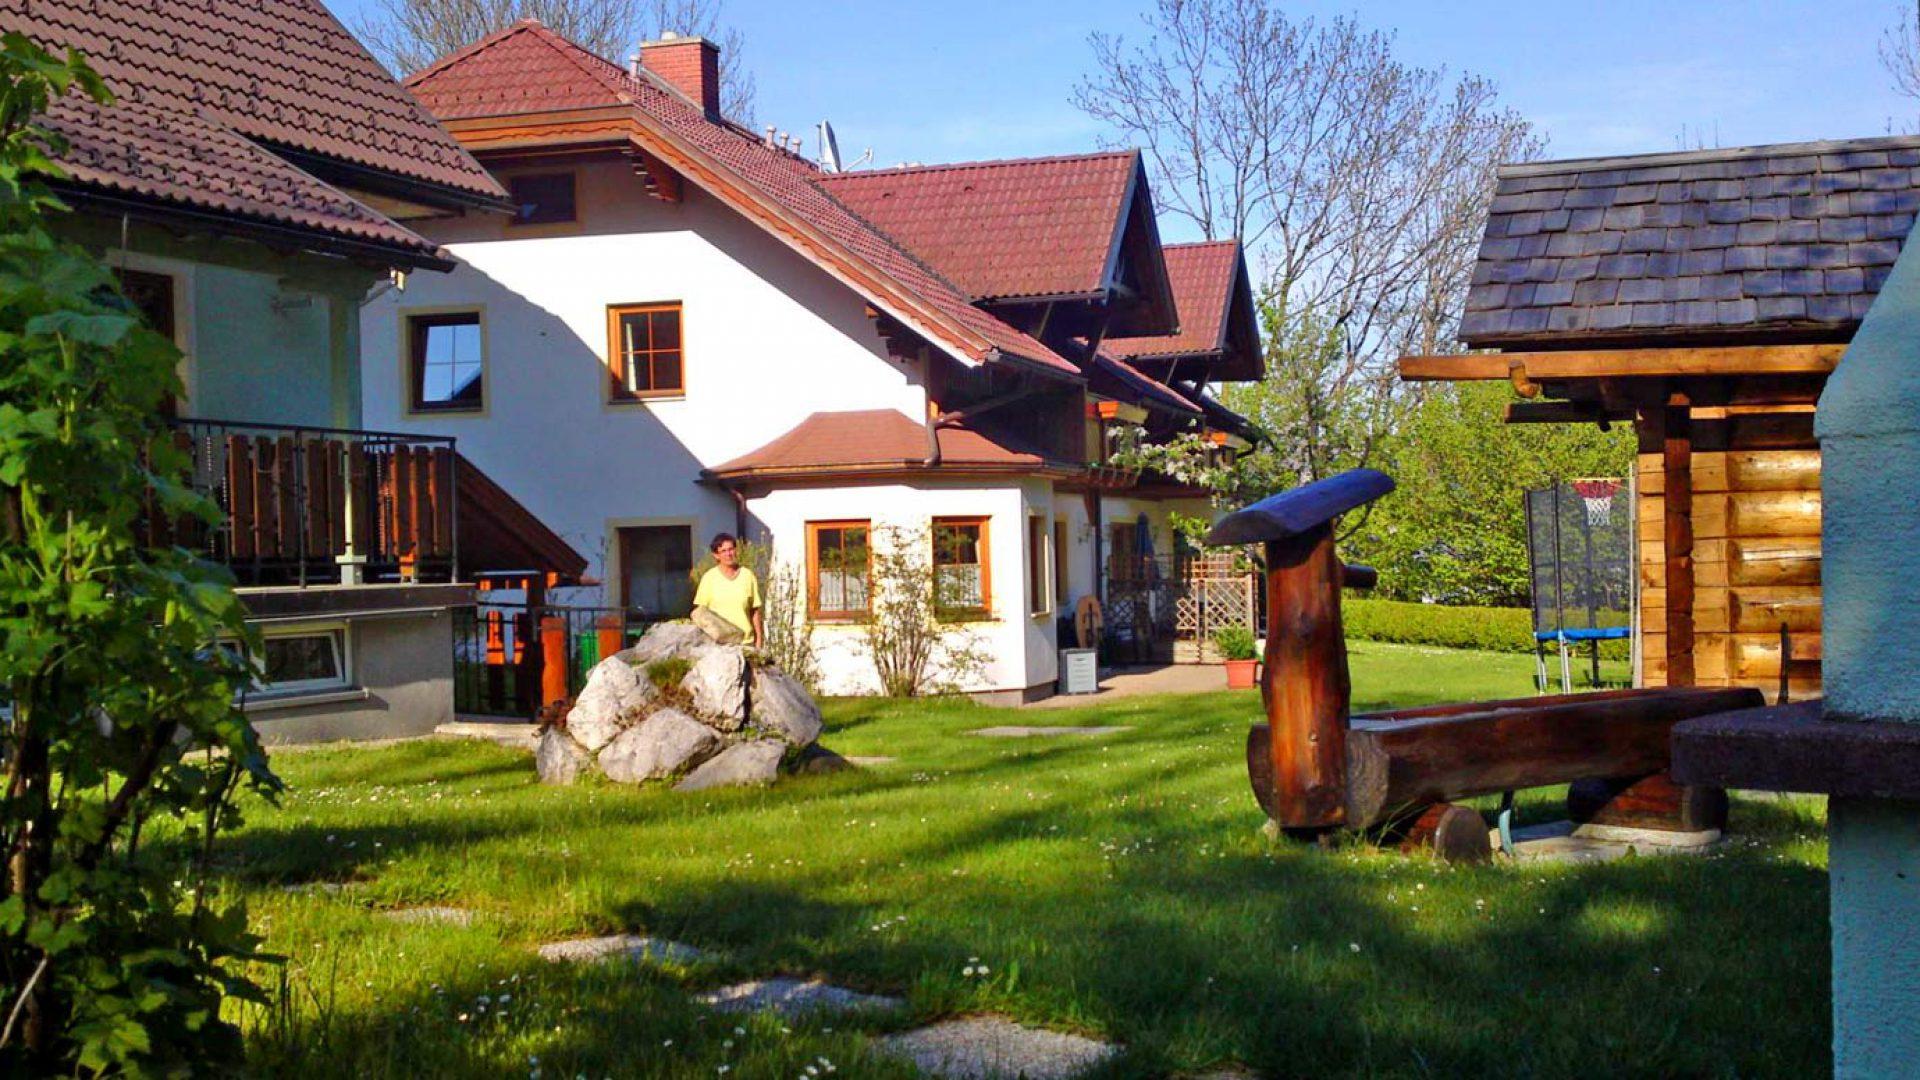 Der Garten des Ferienhaus Reinbacher